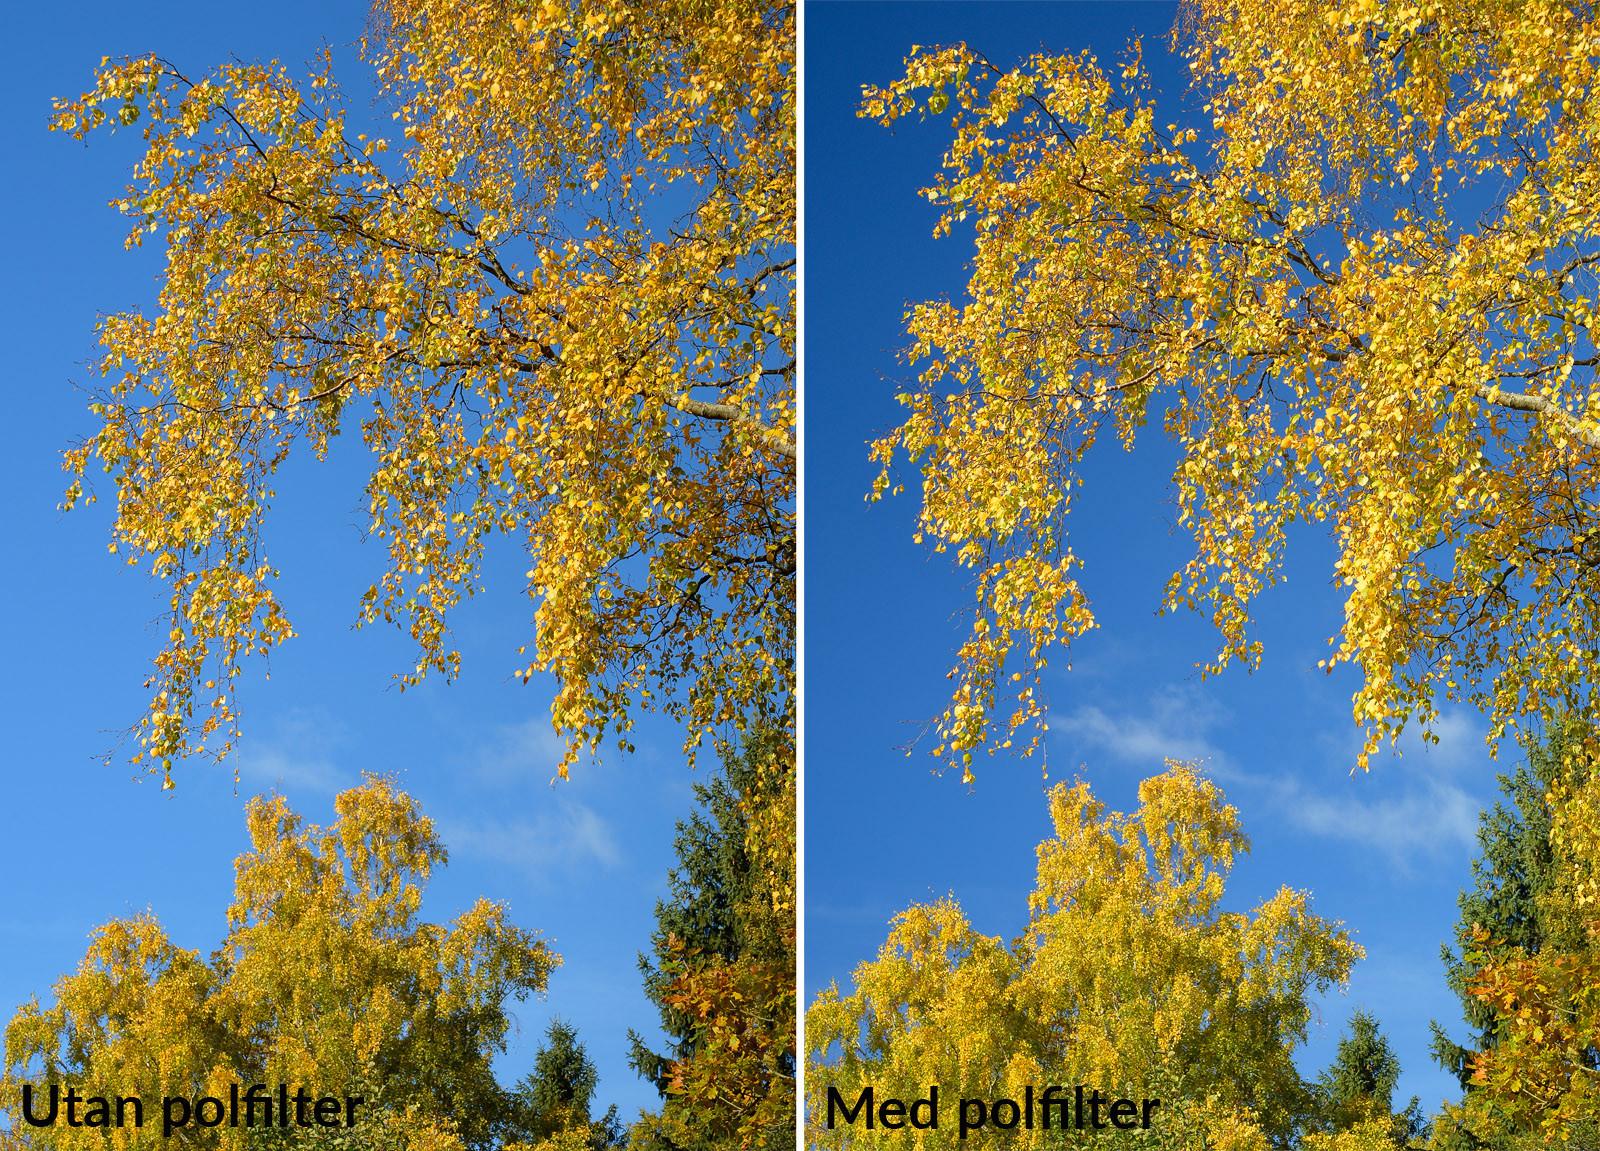 Jämförelse med och utan polarisationsfilter. Foto Christian Nilsson Objektivtest.se se vår webbutik på www.objektivtest.se